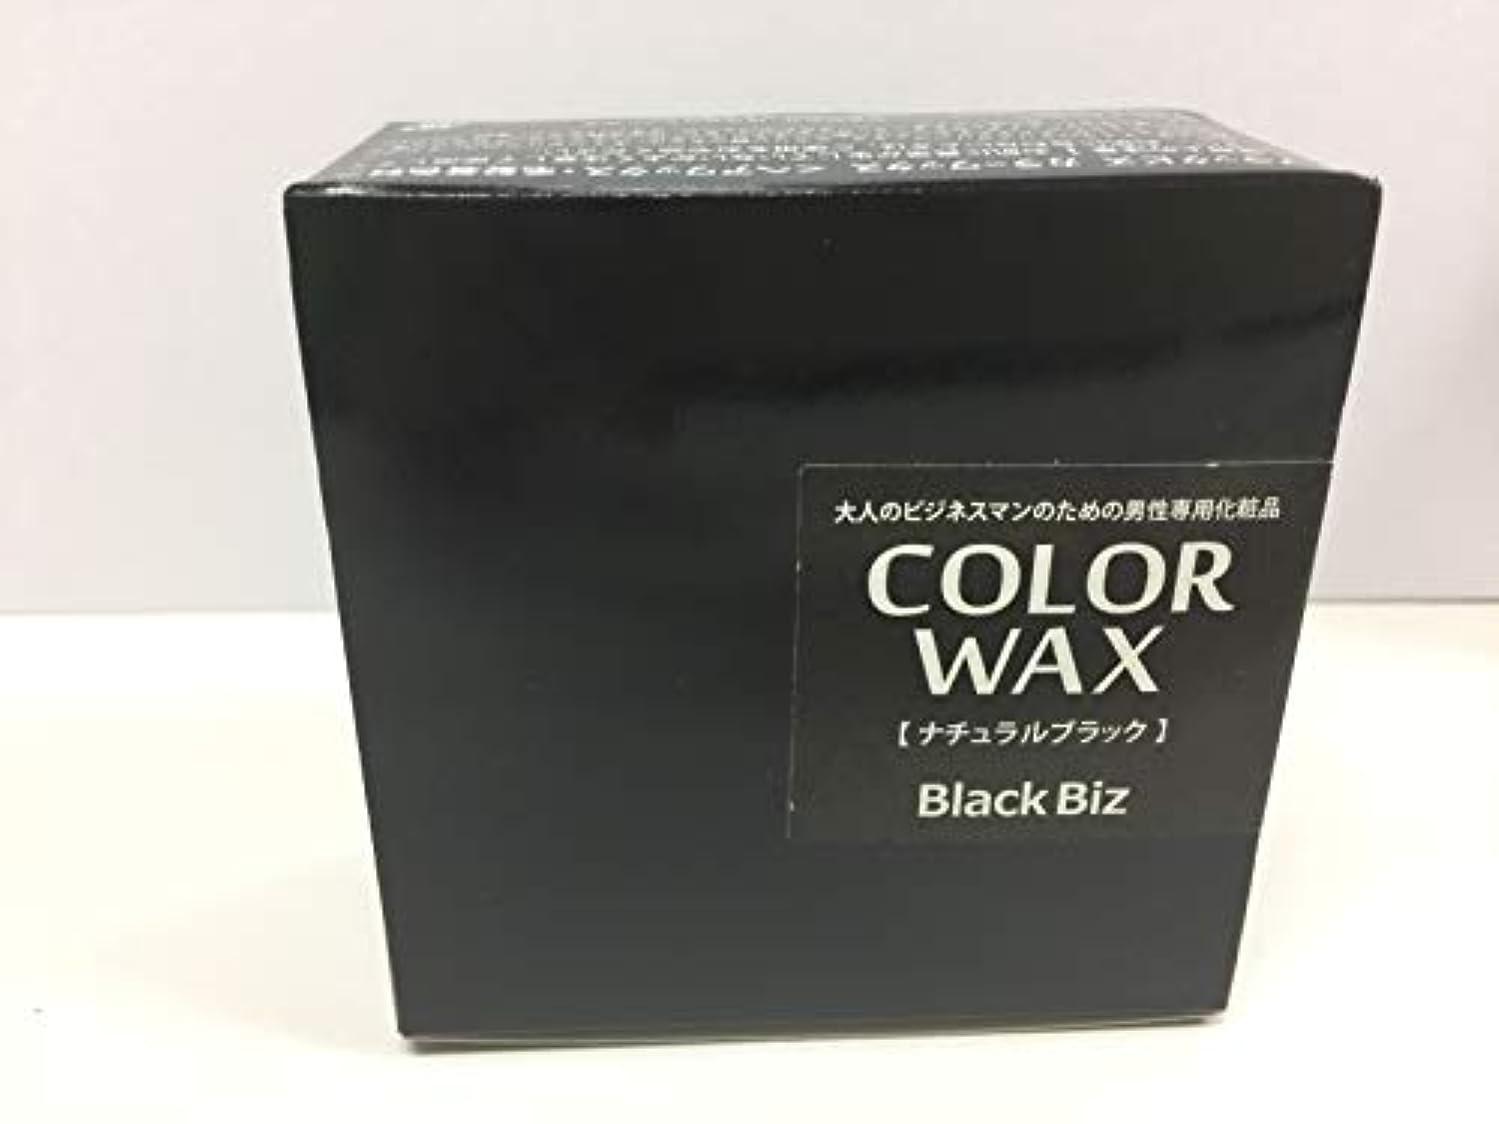 バックグラウンド見つける若い大人のビジネスマンのための男性専用化粧品 BlackBiz COLOR WAX ブラックビズ カラーワックス 【ナチュラルブラック】